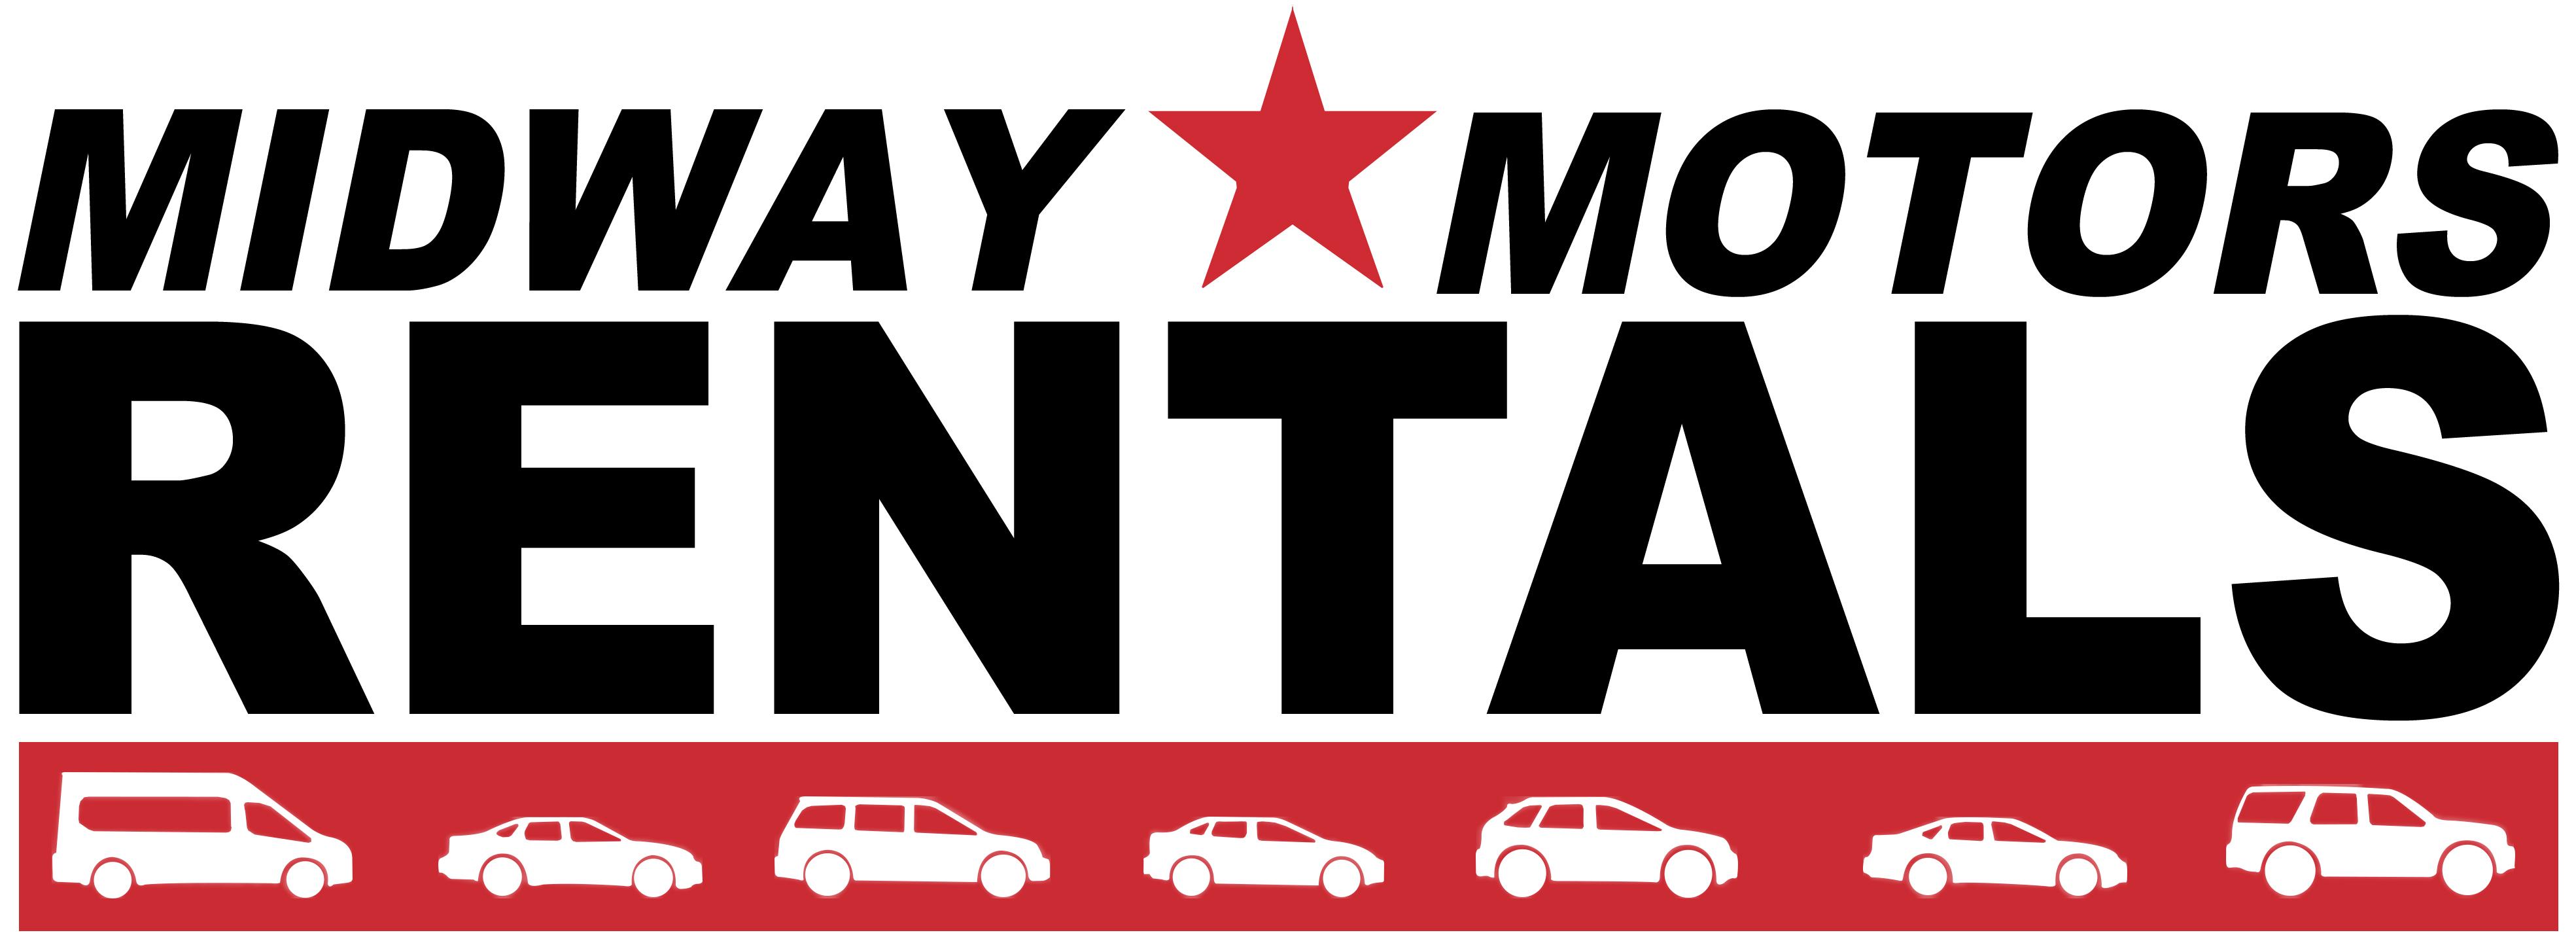 Midway Motors Rentals